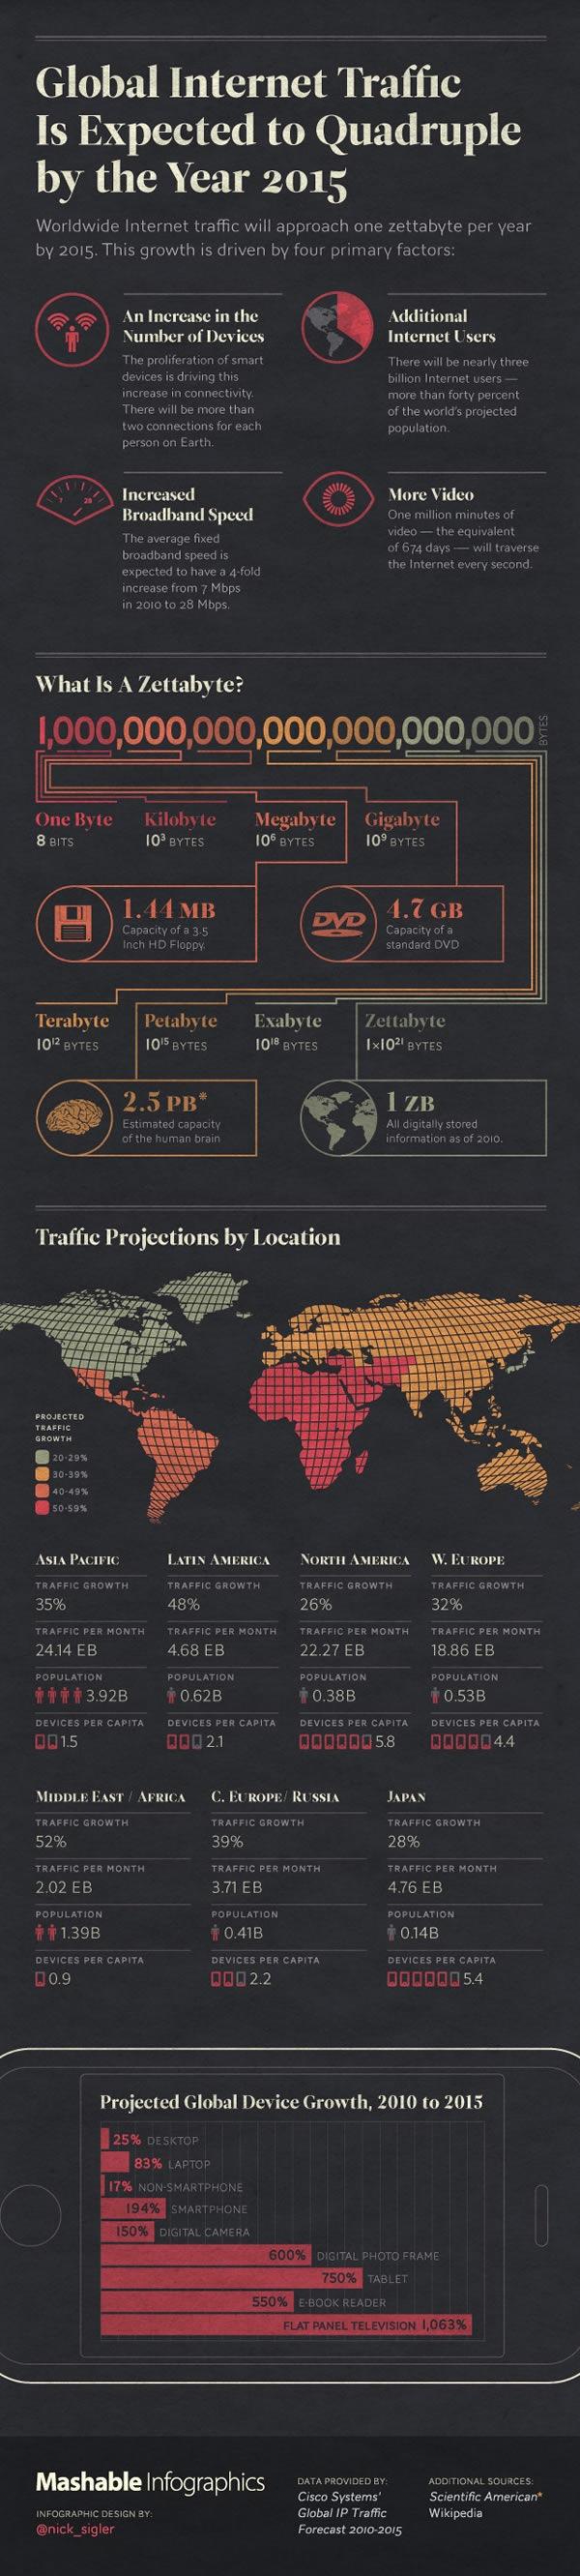 trafico-de-datos-internet-zettabyte-2015